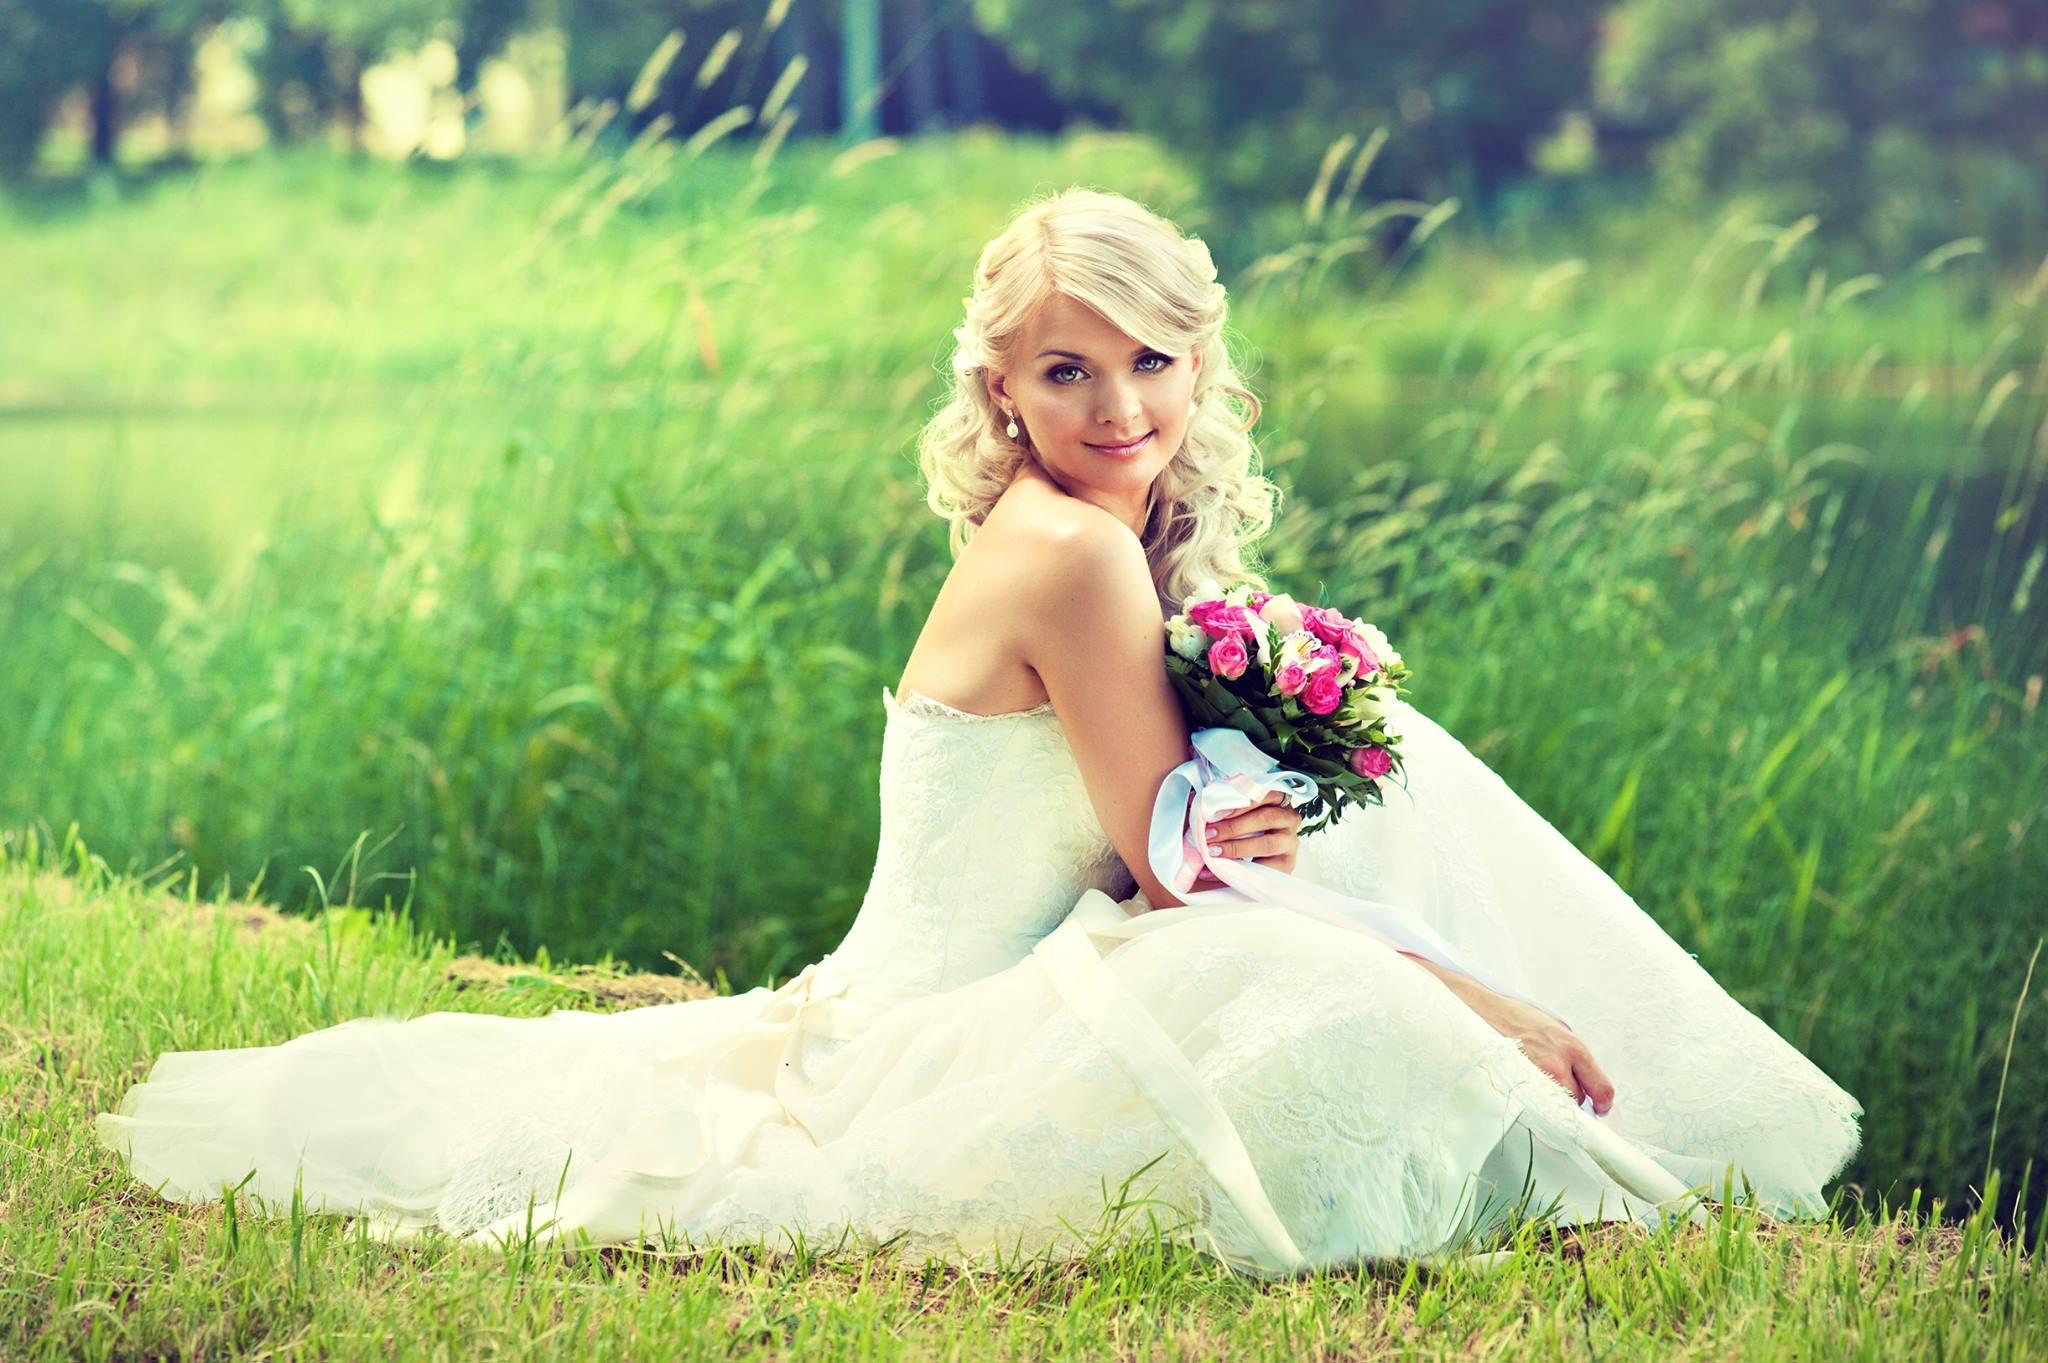 بالصور صور عروسة , اجمل صور للعرائس بالفستان الابيض 4367 1